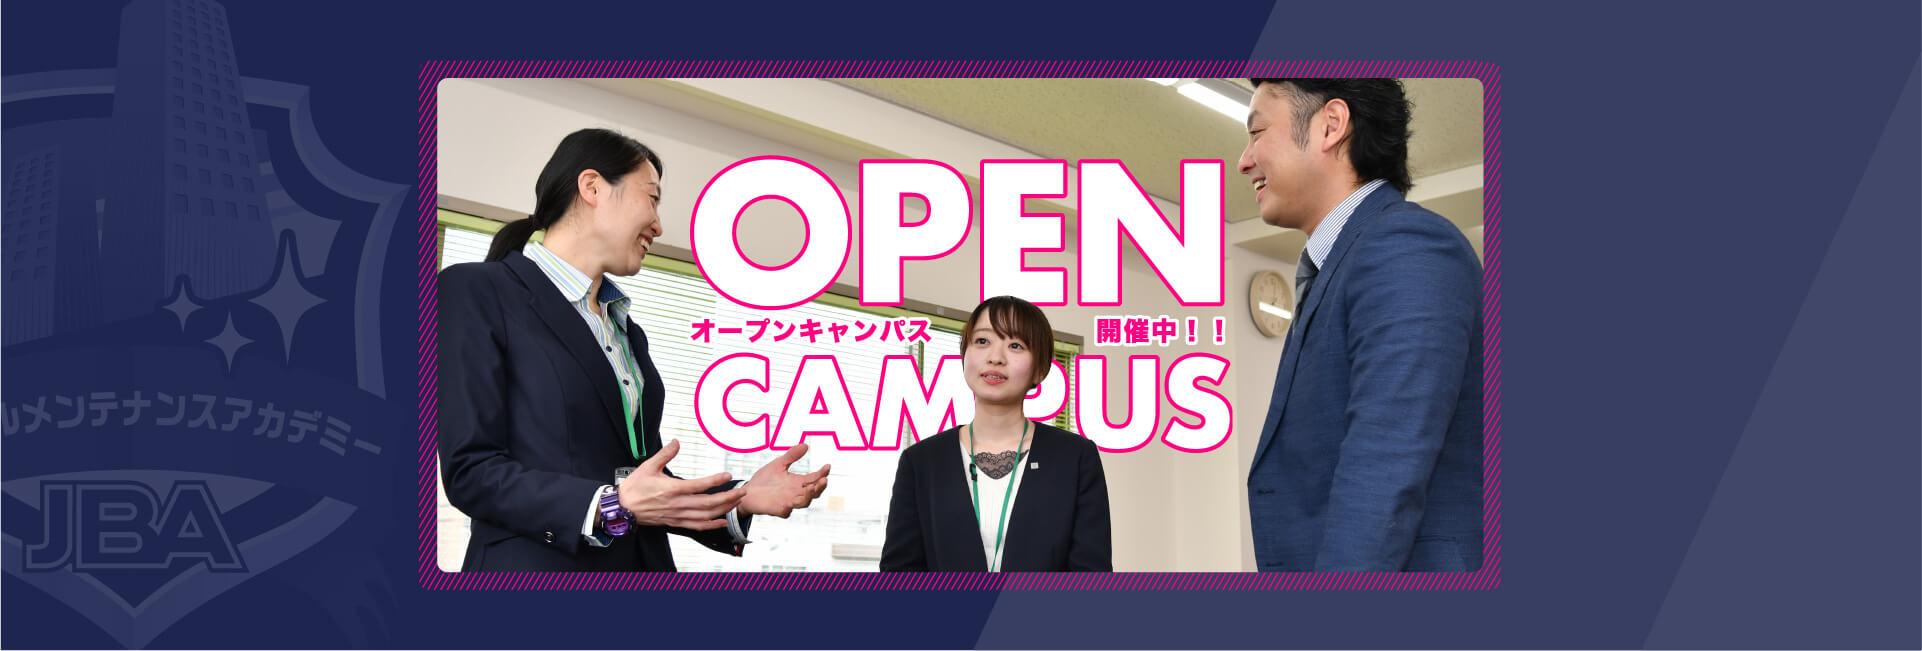 講習見学・オープンキャンパス